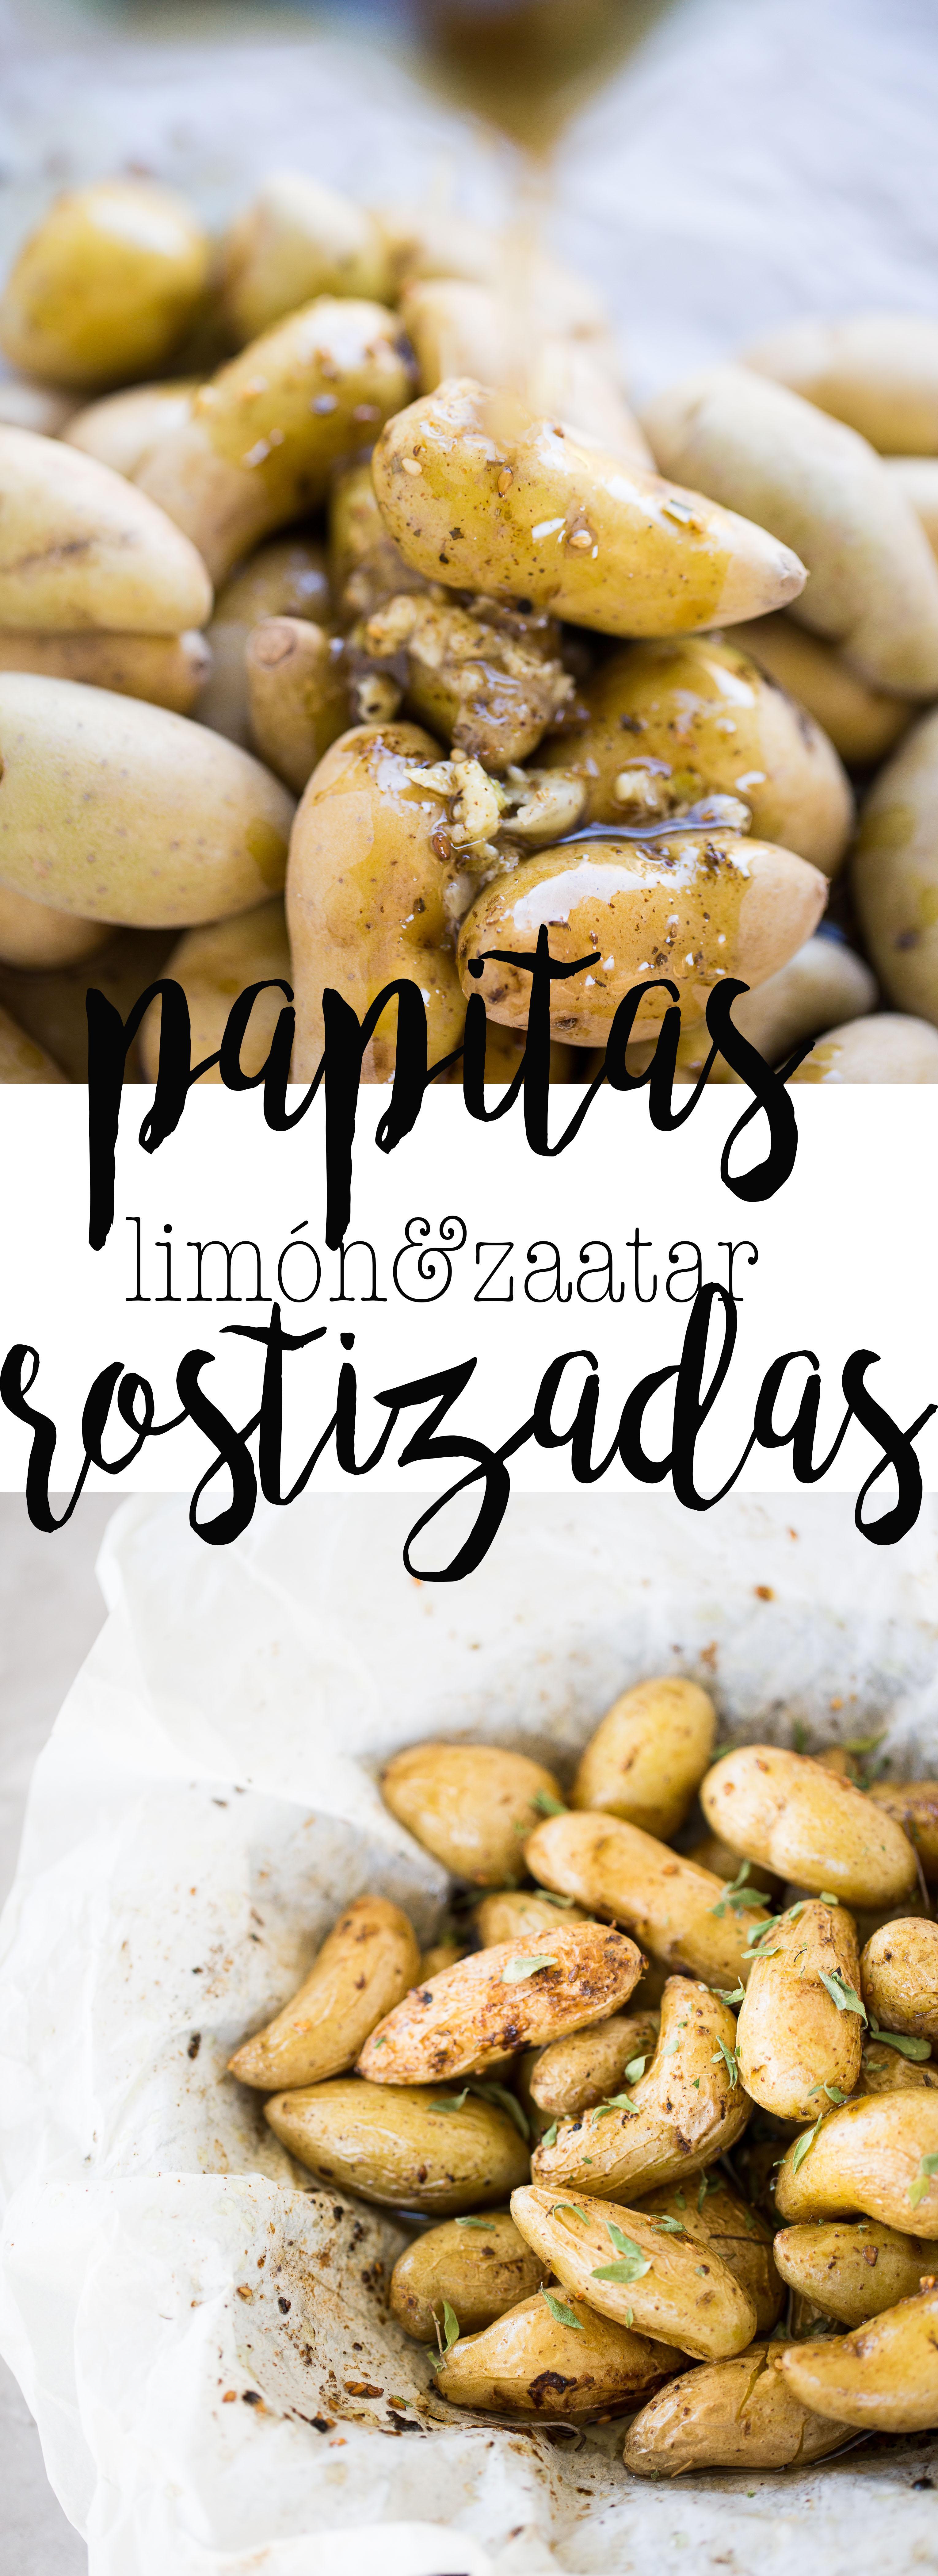 Receta de papas rostizadas con limón y zaatar.